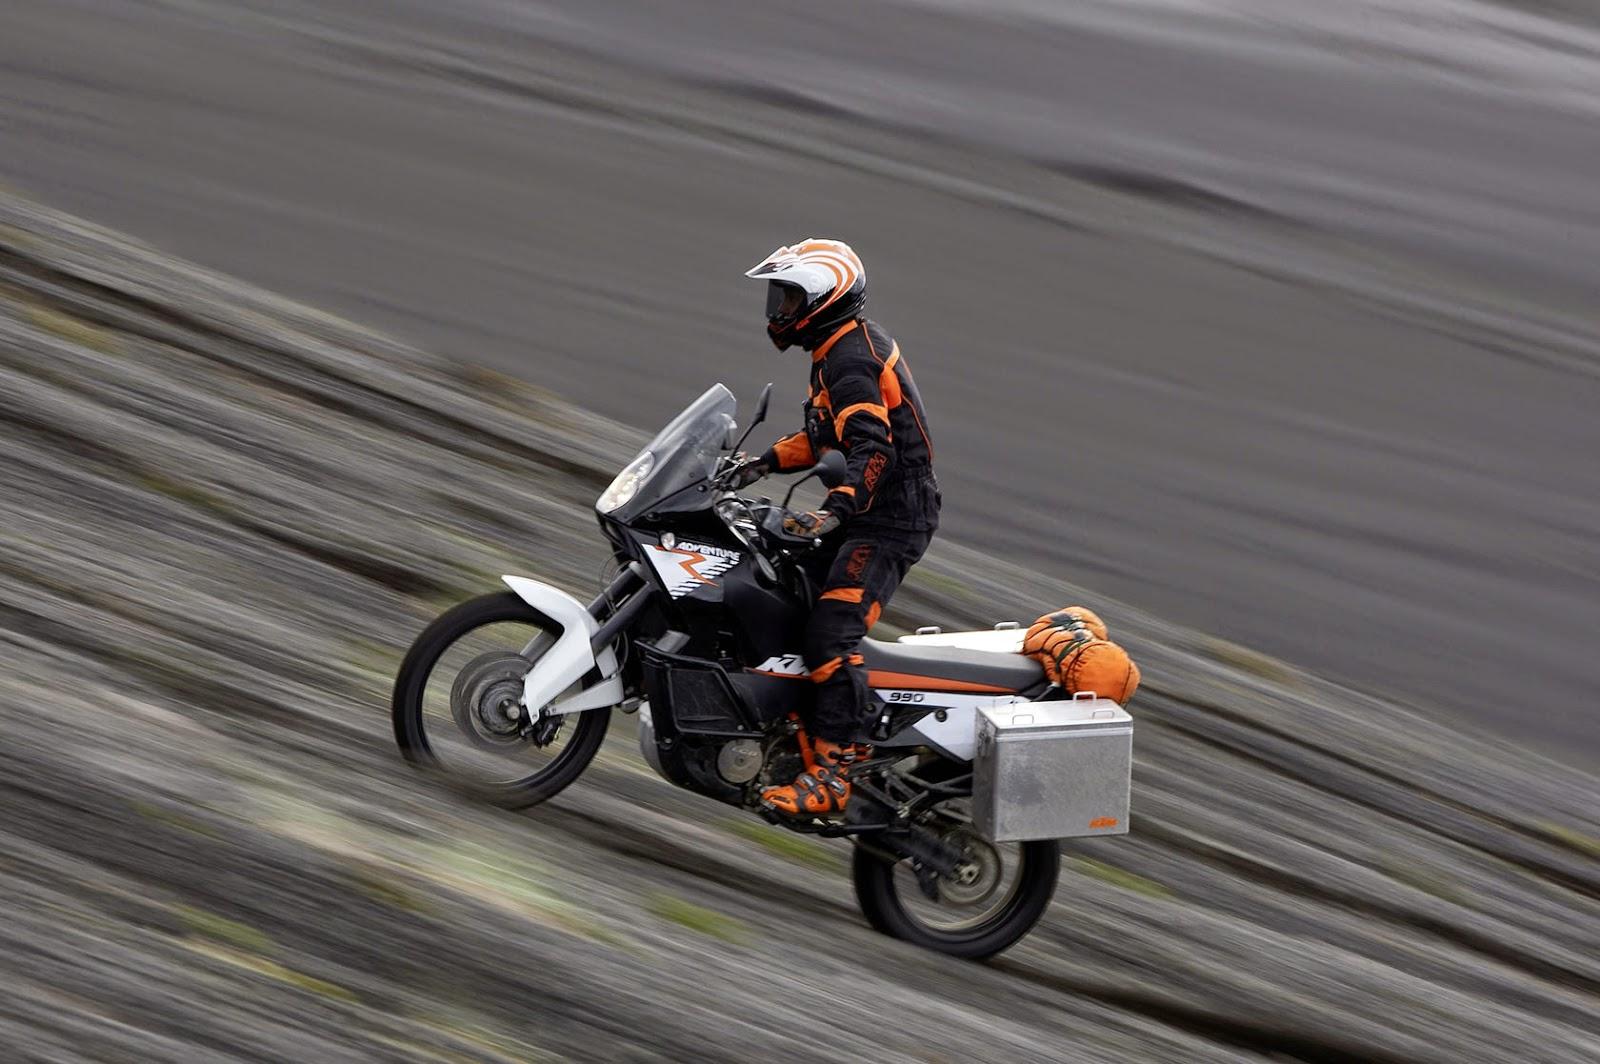 KTM 990 Adventure R Bikes HD  Images